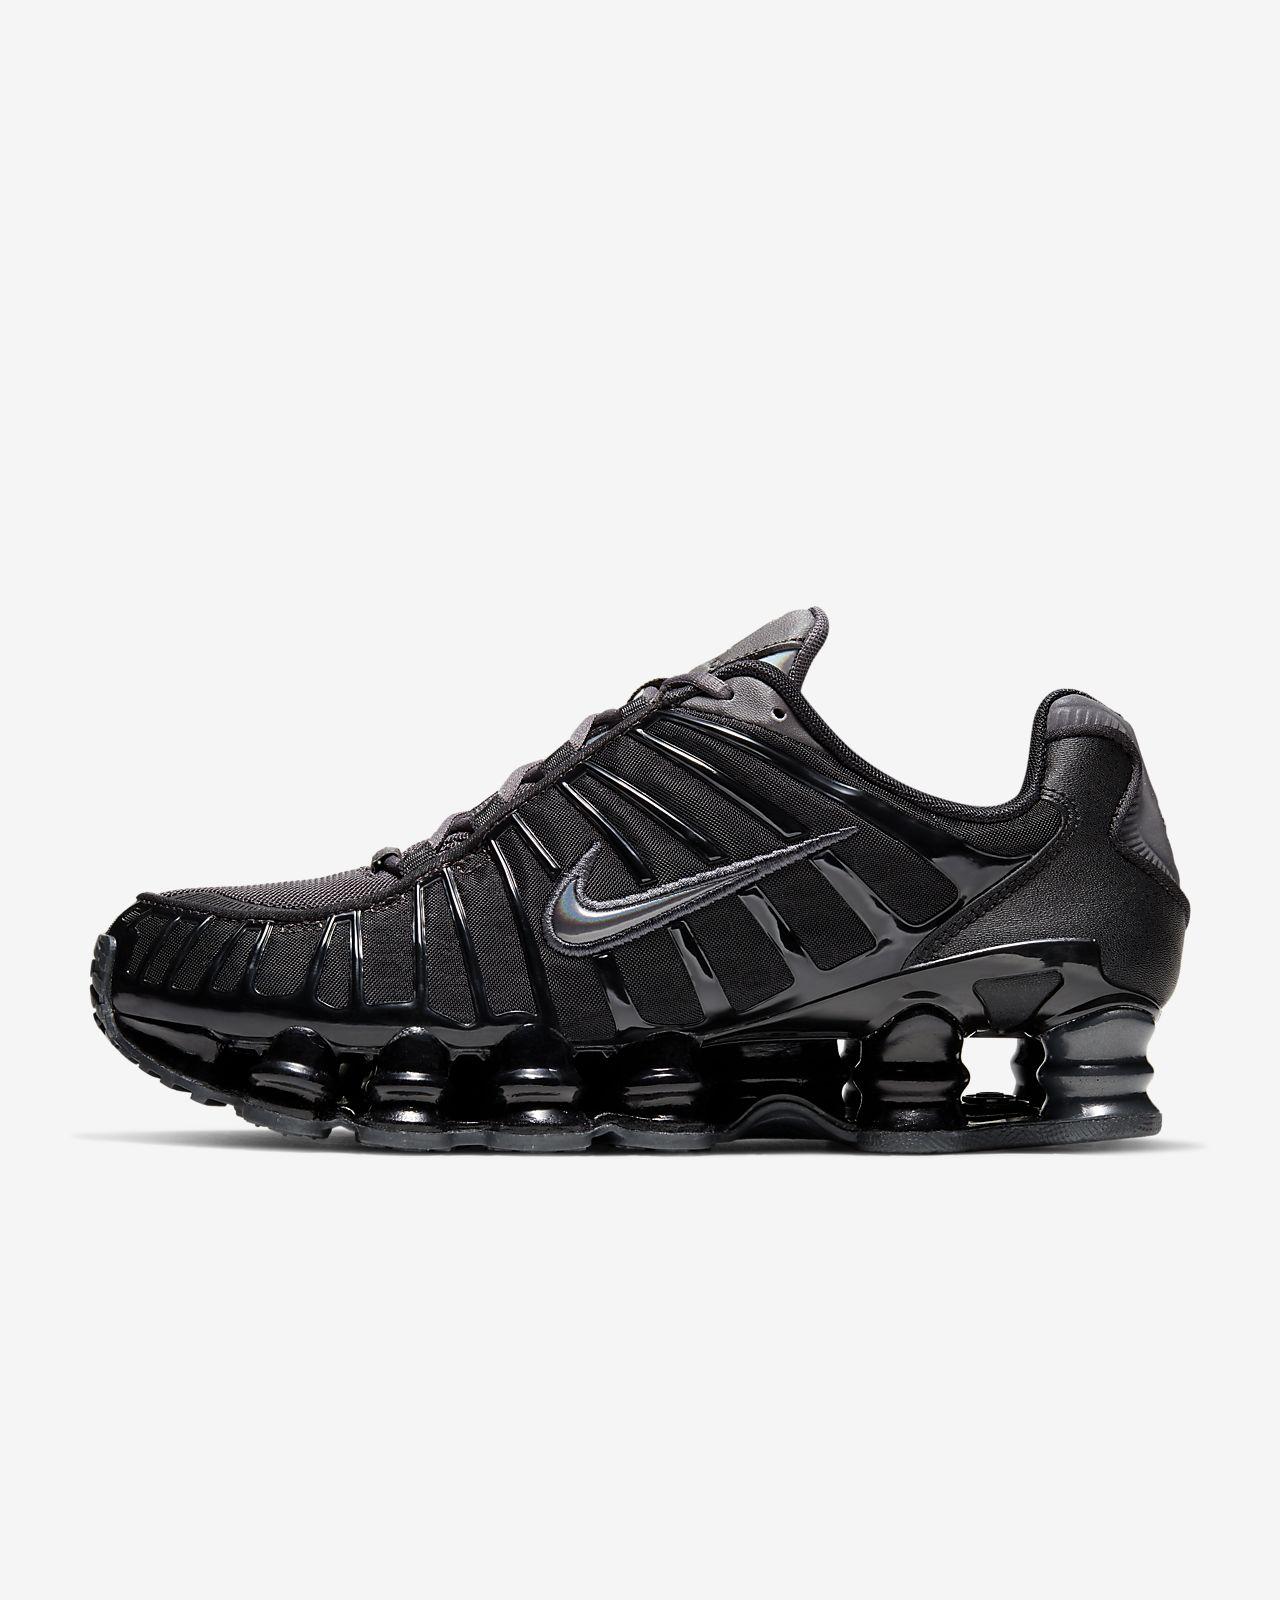 Nike Shox aus USA Schuhe Frauen Damenschuh Gr 40 schwarz pink